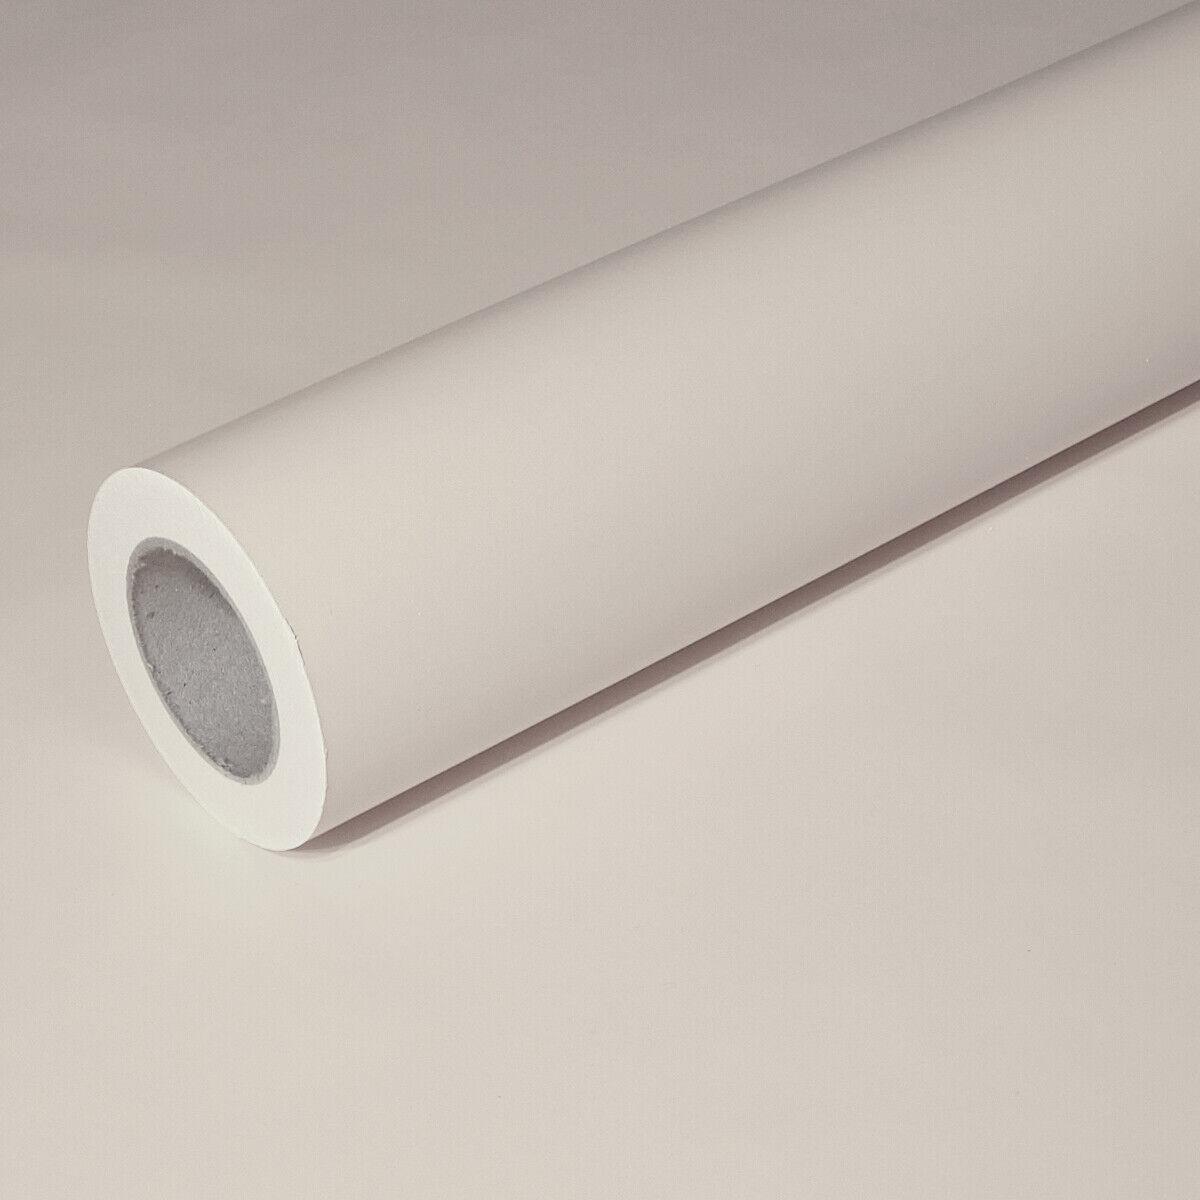 0,41 /m² 50m x 1,00m marfil junopax regalo de papel resistente a la intemperie mojado papel fijo